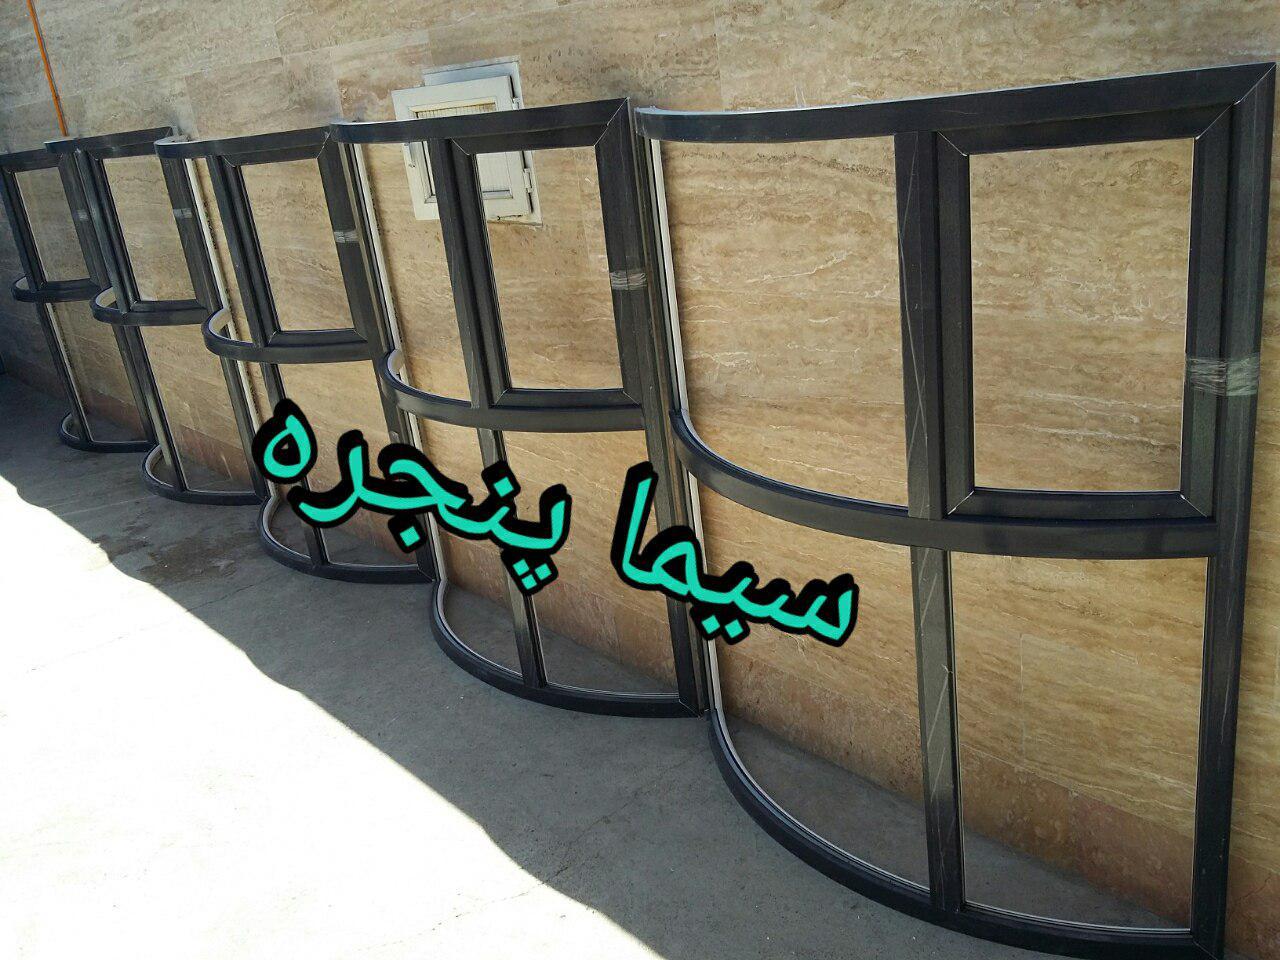 خم UPVC ویترینی سیما پنجره - خم پروفیل  upvc ویترینی - خم با شیشه های دو جداره سکوریت - محدوده کرج شهریار فردیس و ملارد